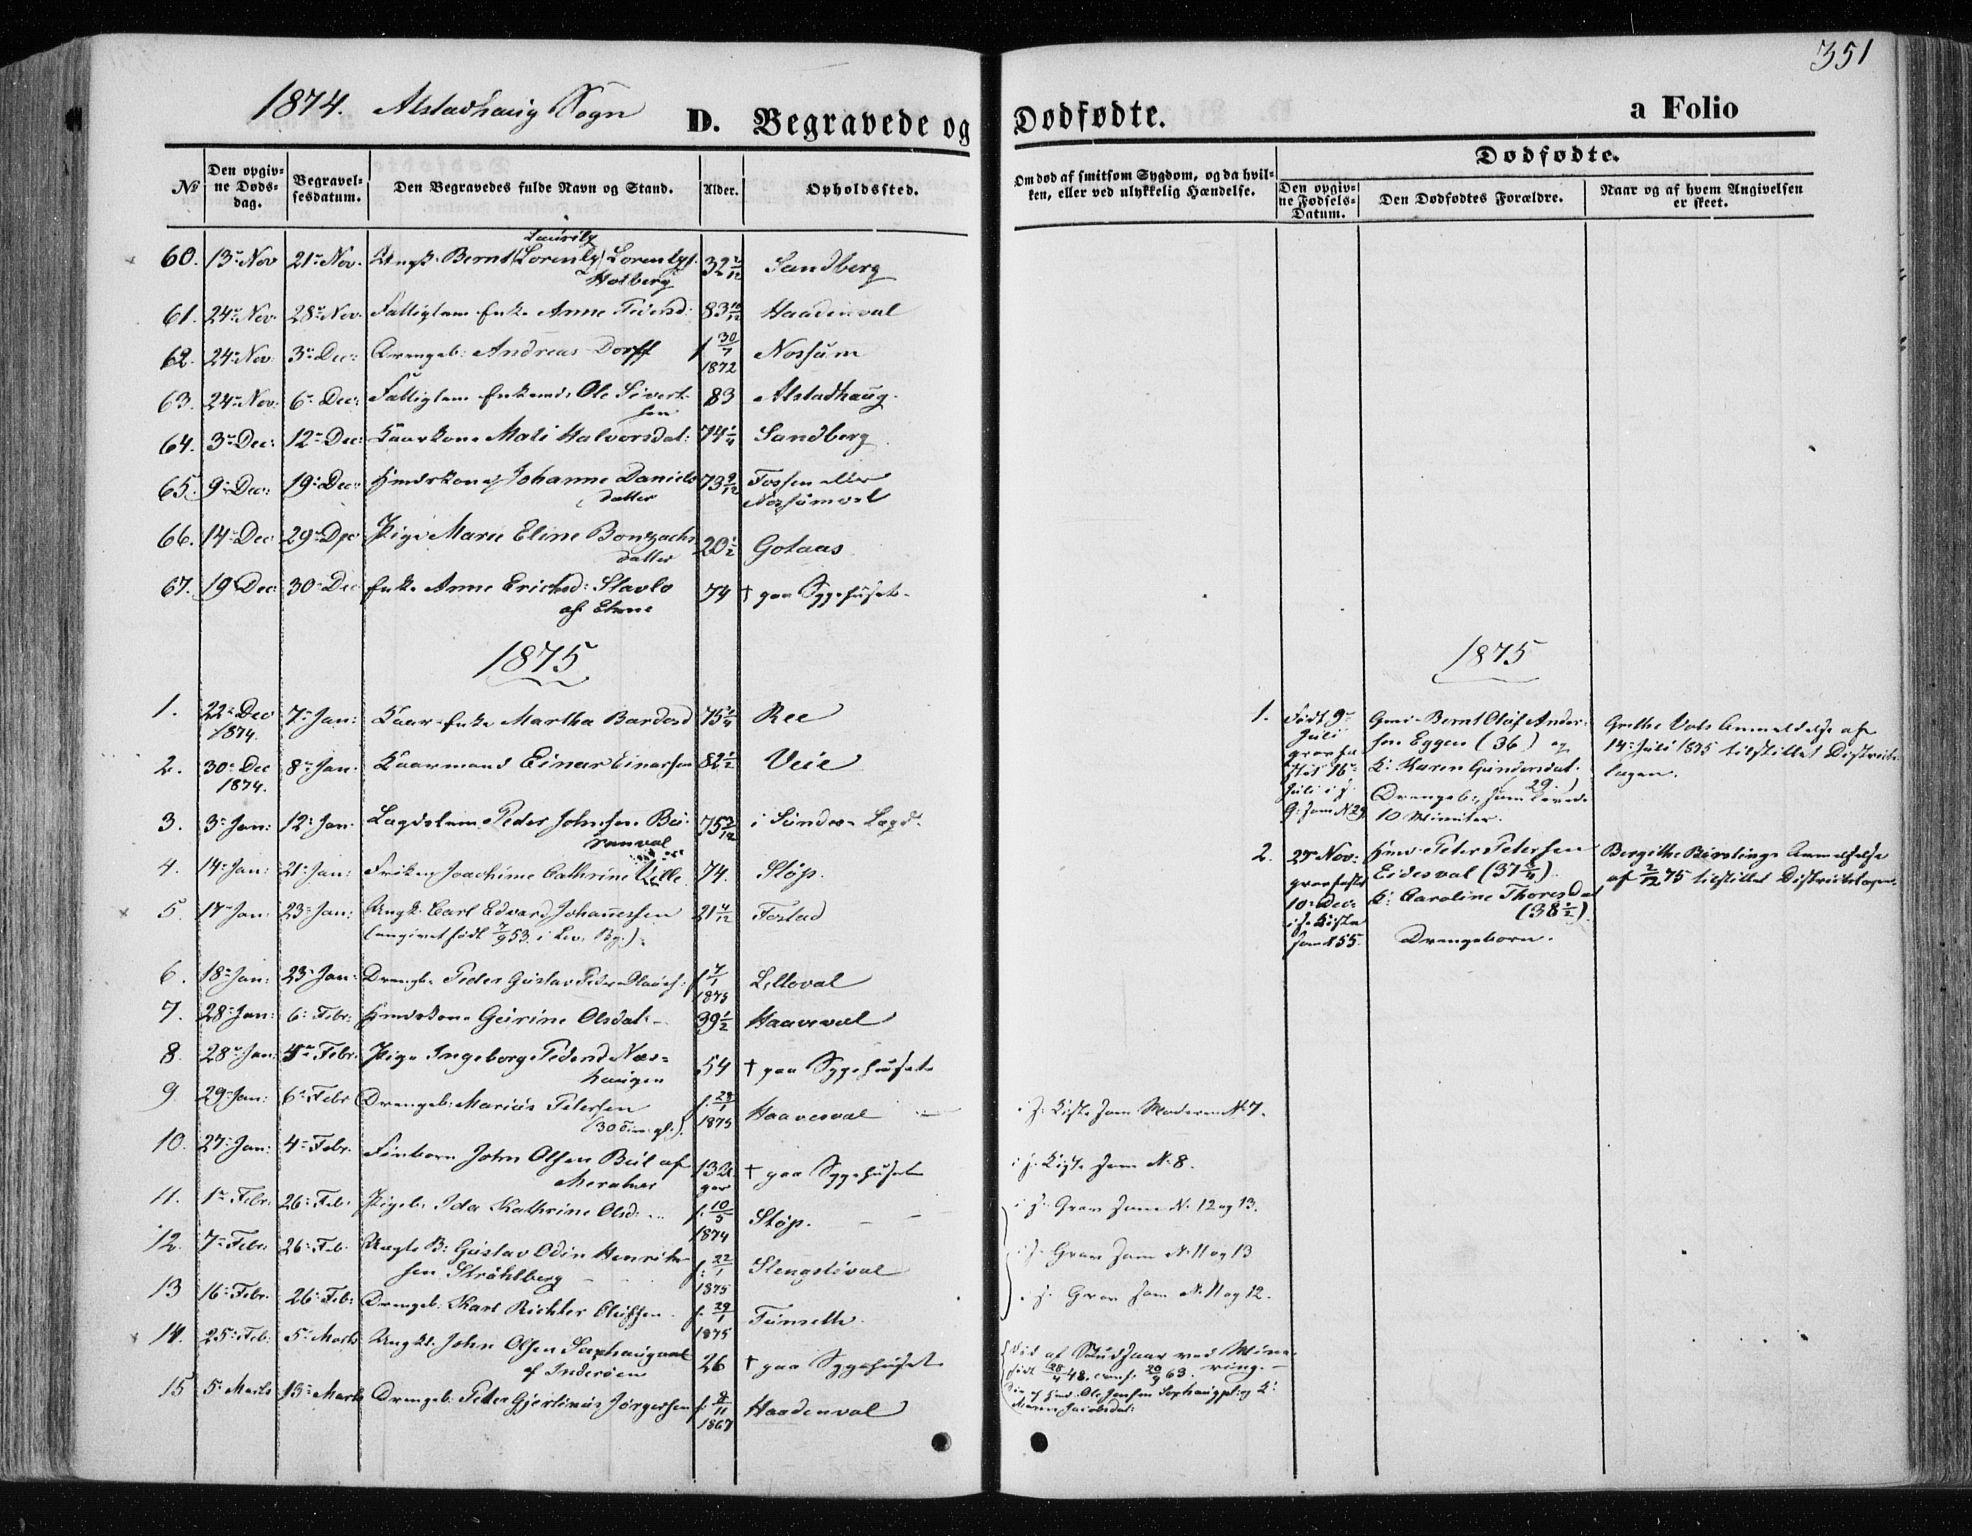 SAT, Ministerialprotokoller, klokkerbøker og fødselsregistre - Nord-Trøndelag, 717/L0157: Ministerialbok nr. 717A08 /1, 1863-1877, s. 351